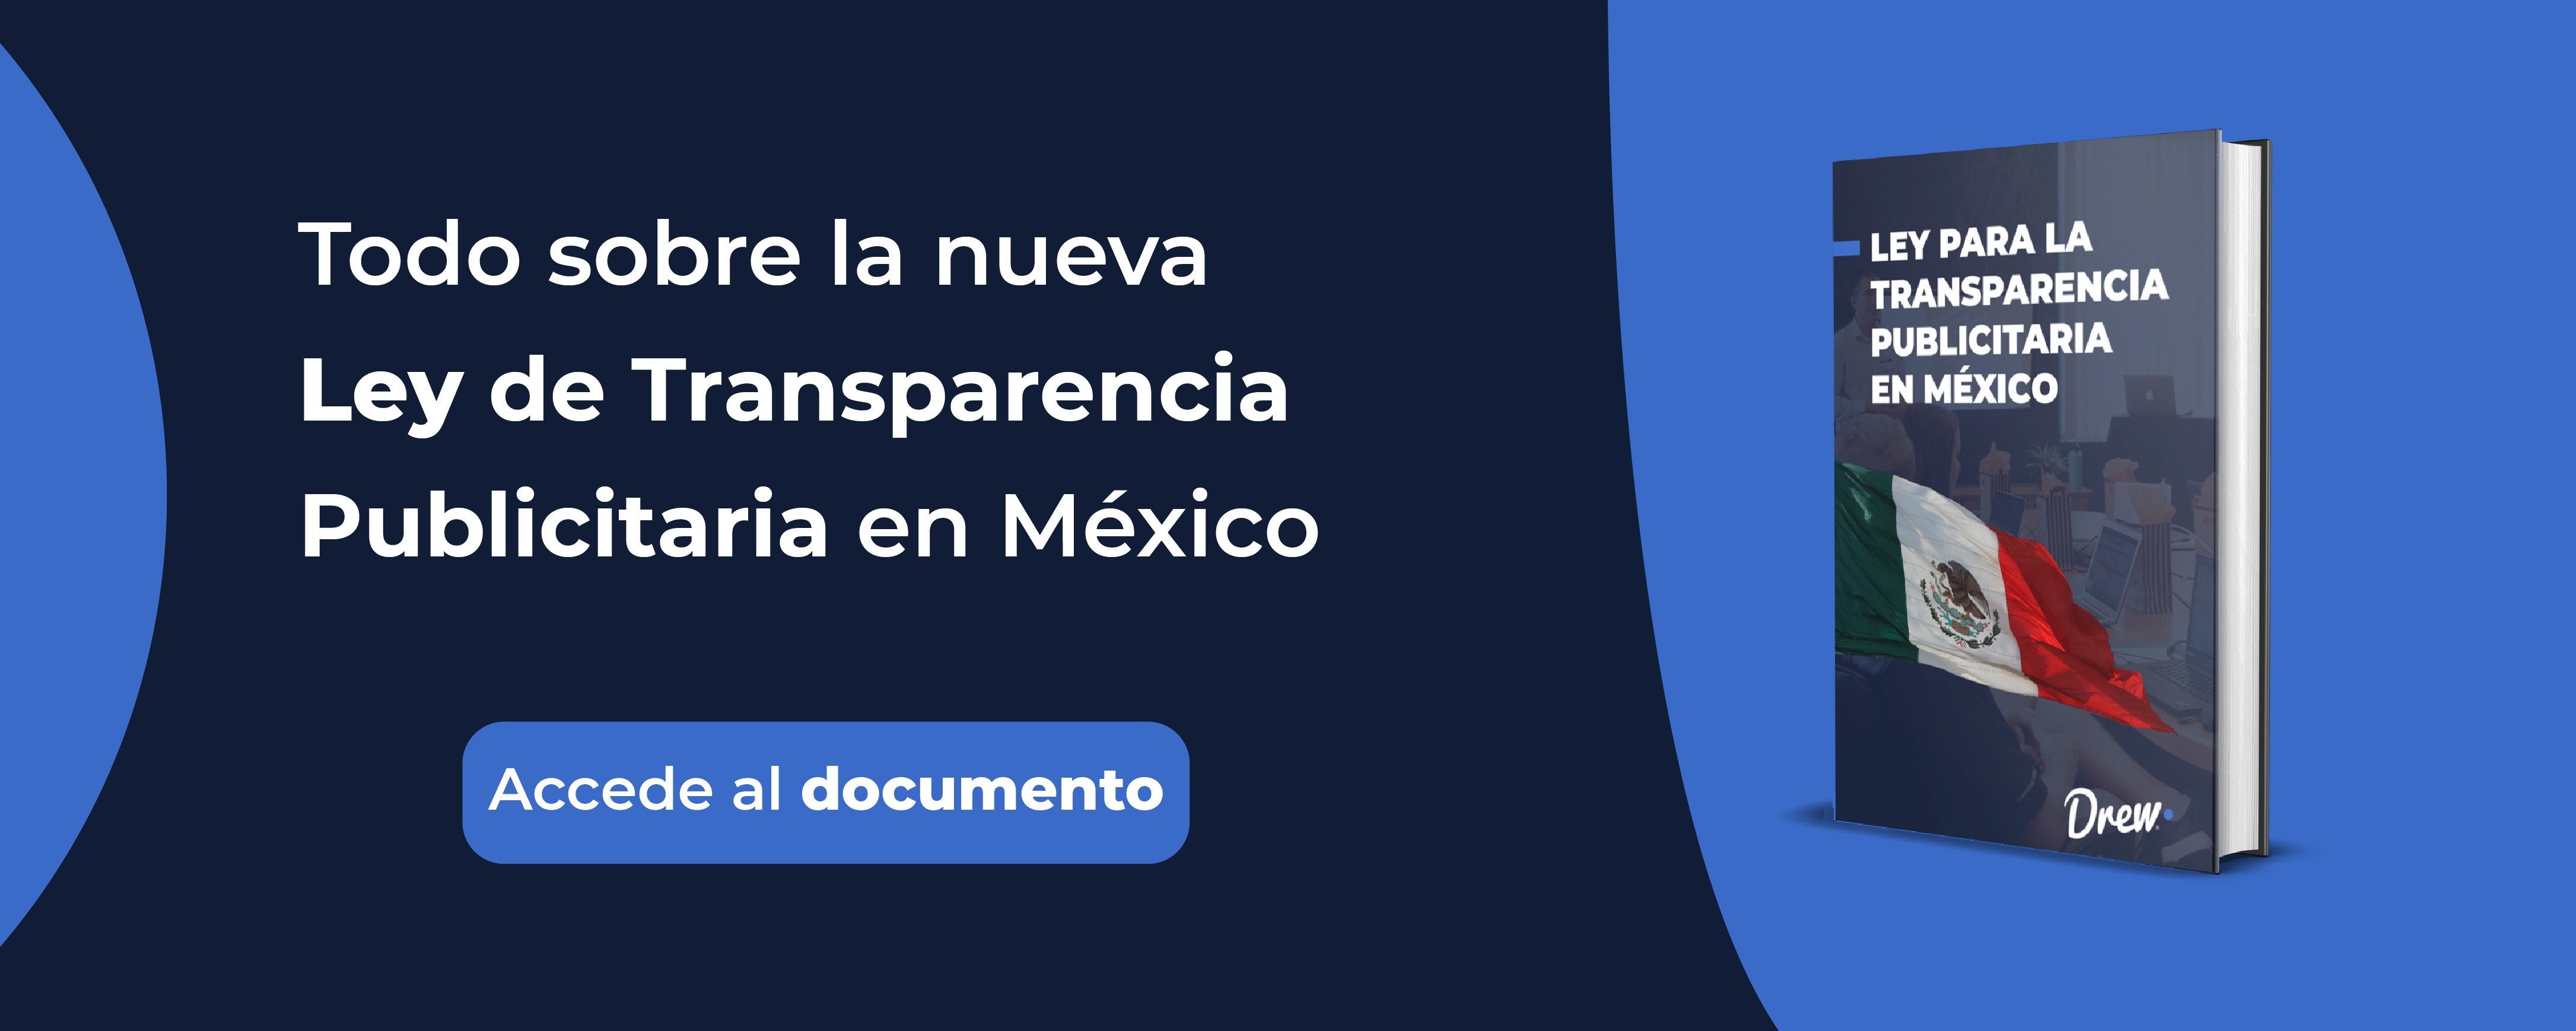 Agencias de México: Resúmen de la Ley para la Transparencia publicitaria